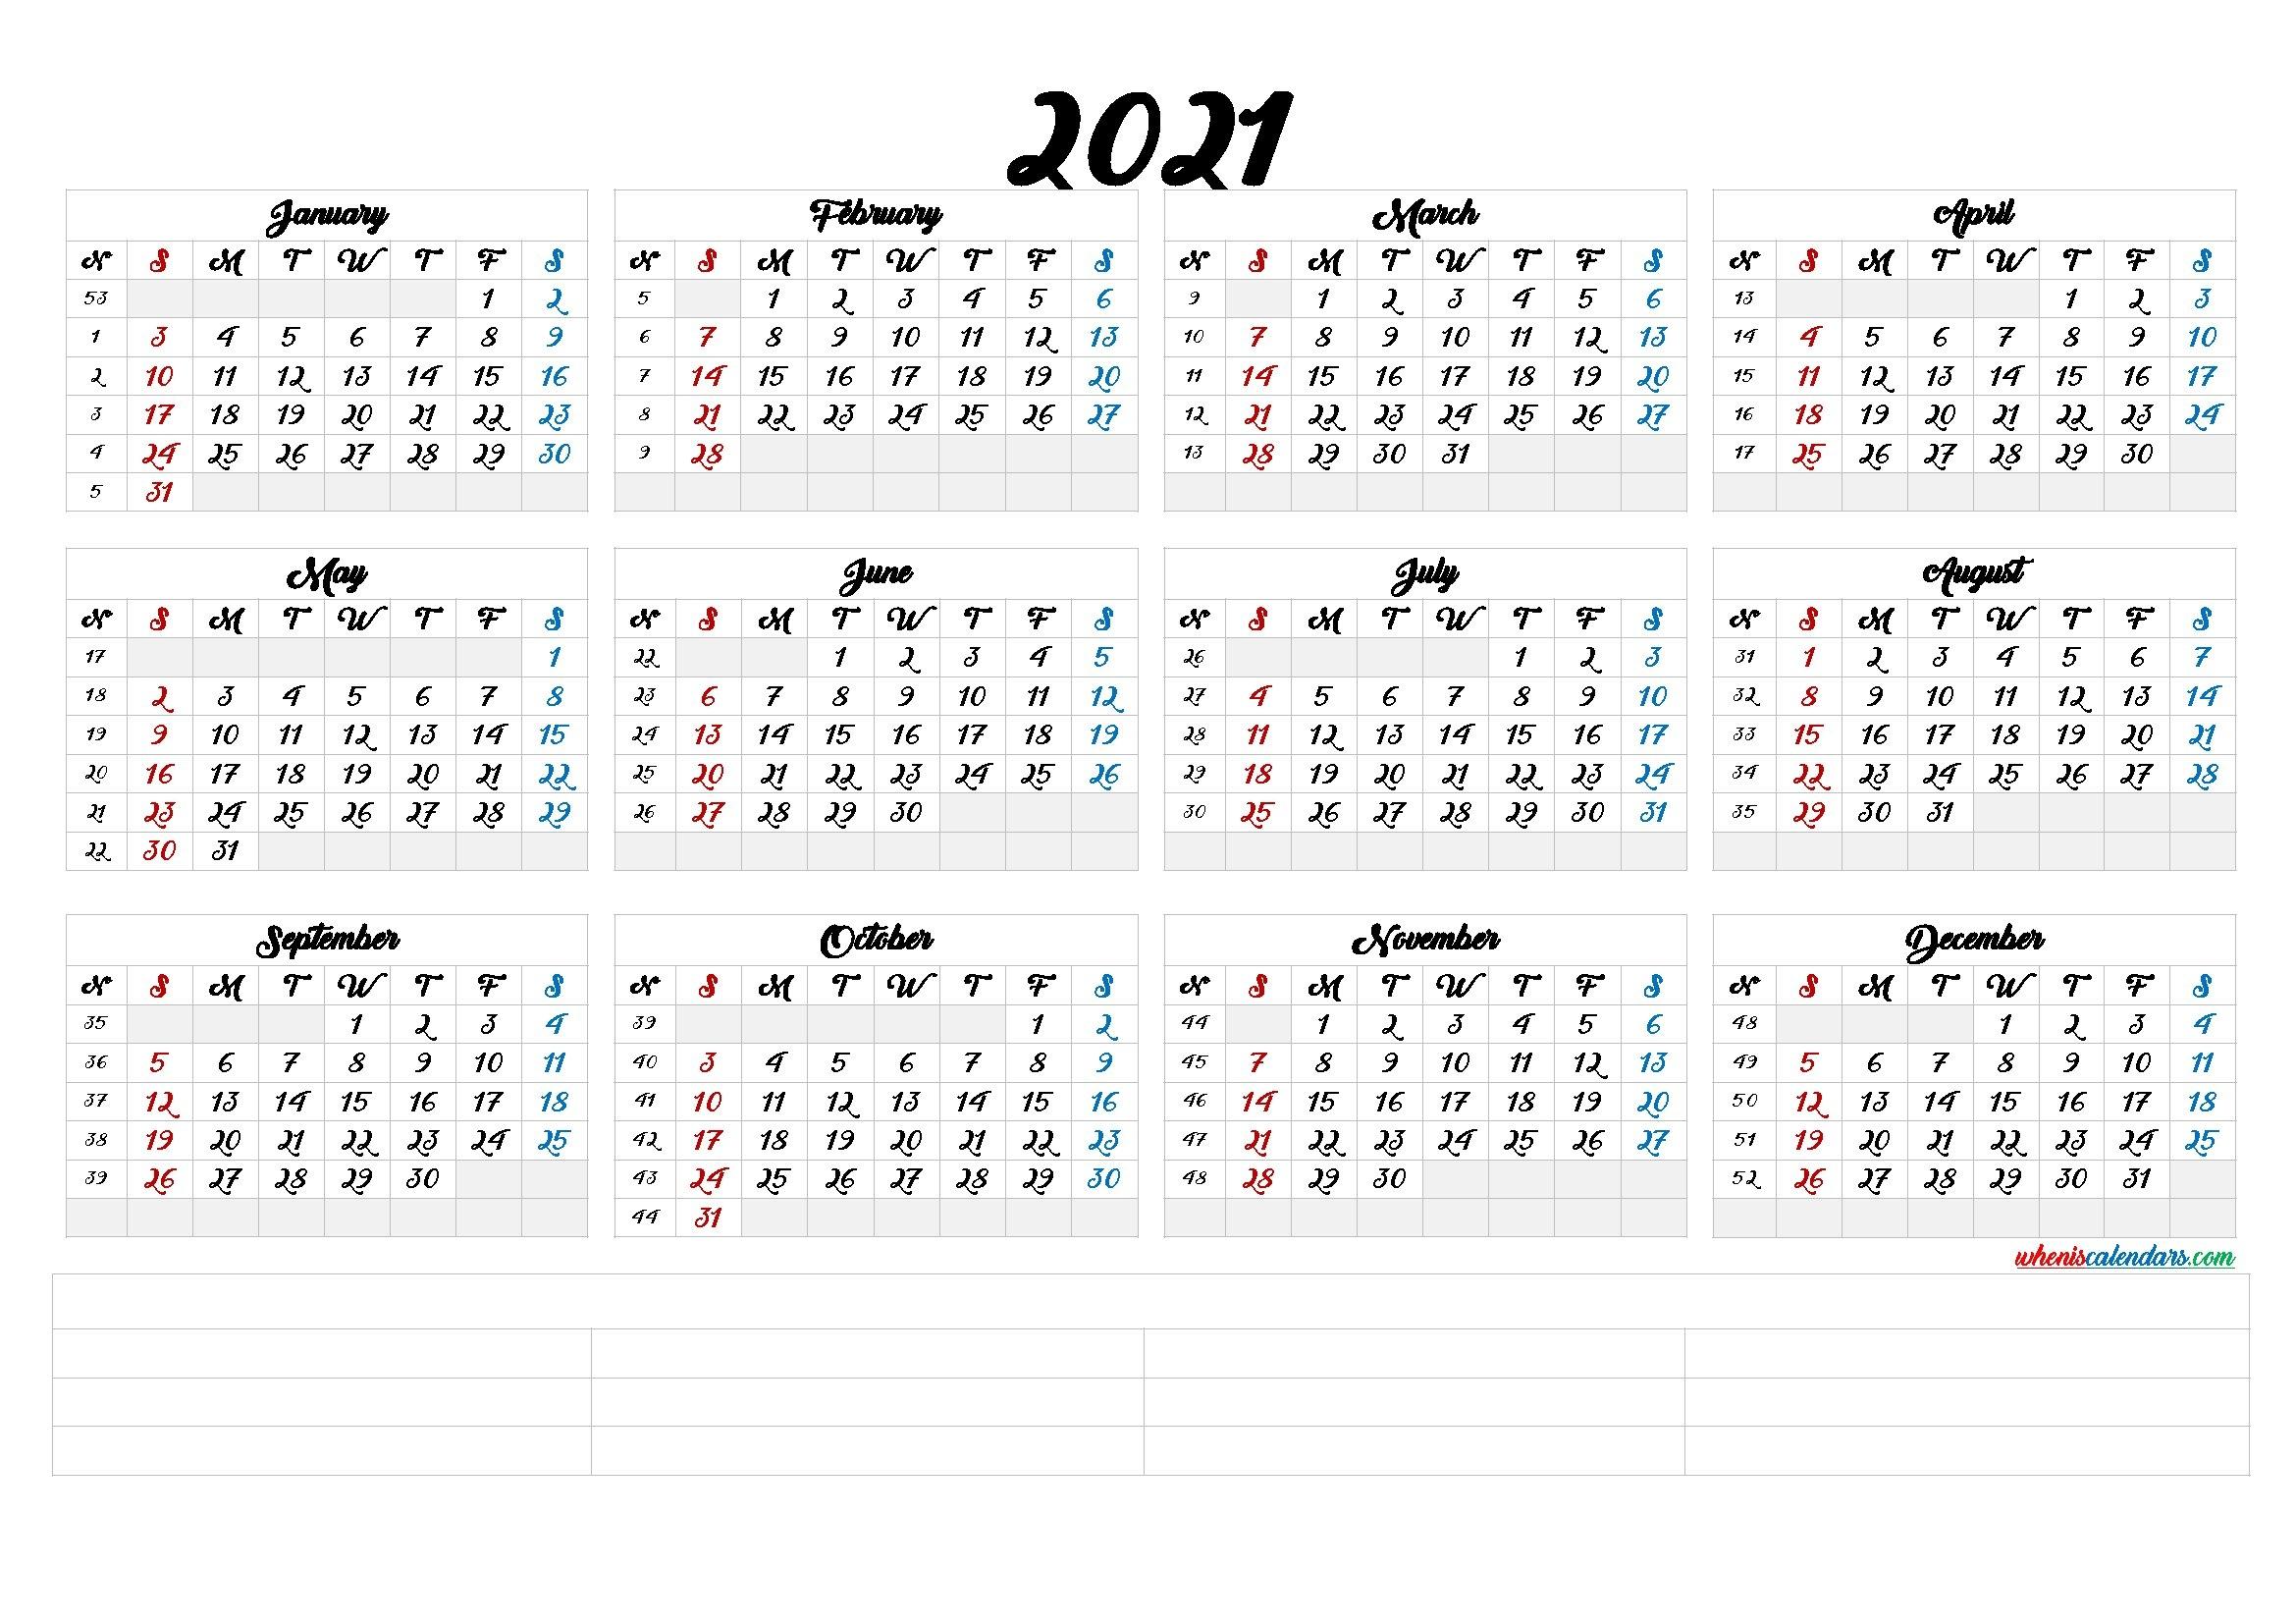 2021 Calendar With Week Number Printable Free : 2021 Yearly Business Calendar With Week Number regarding 2021 Weekly Calendars Printable Free Image